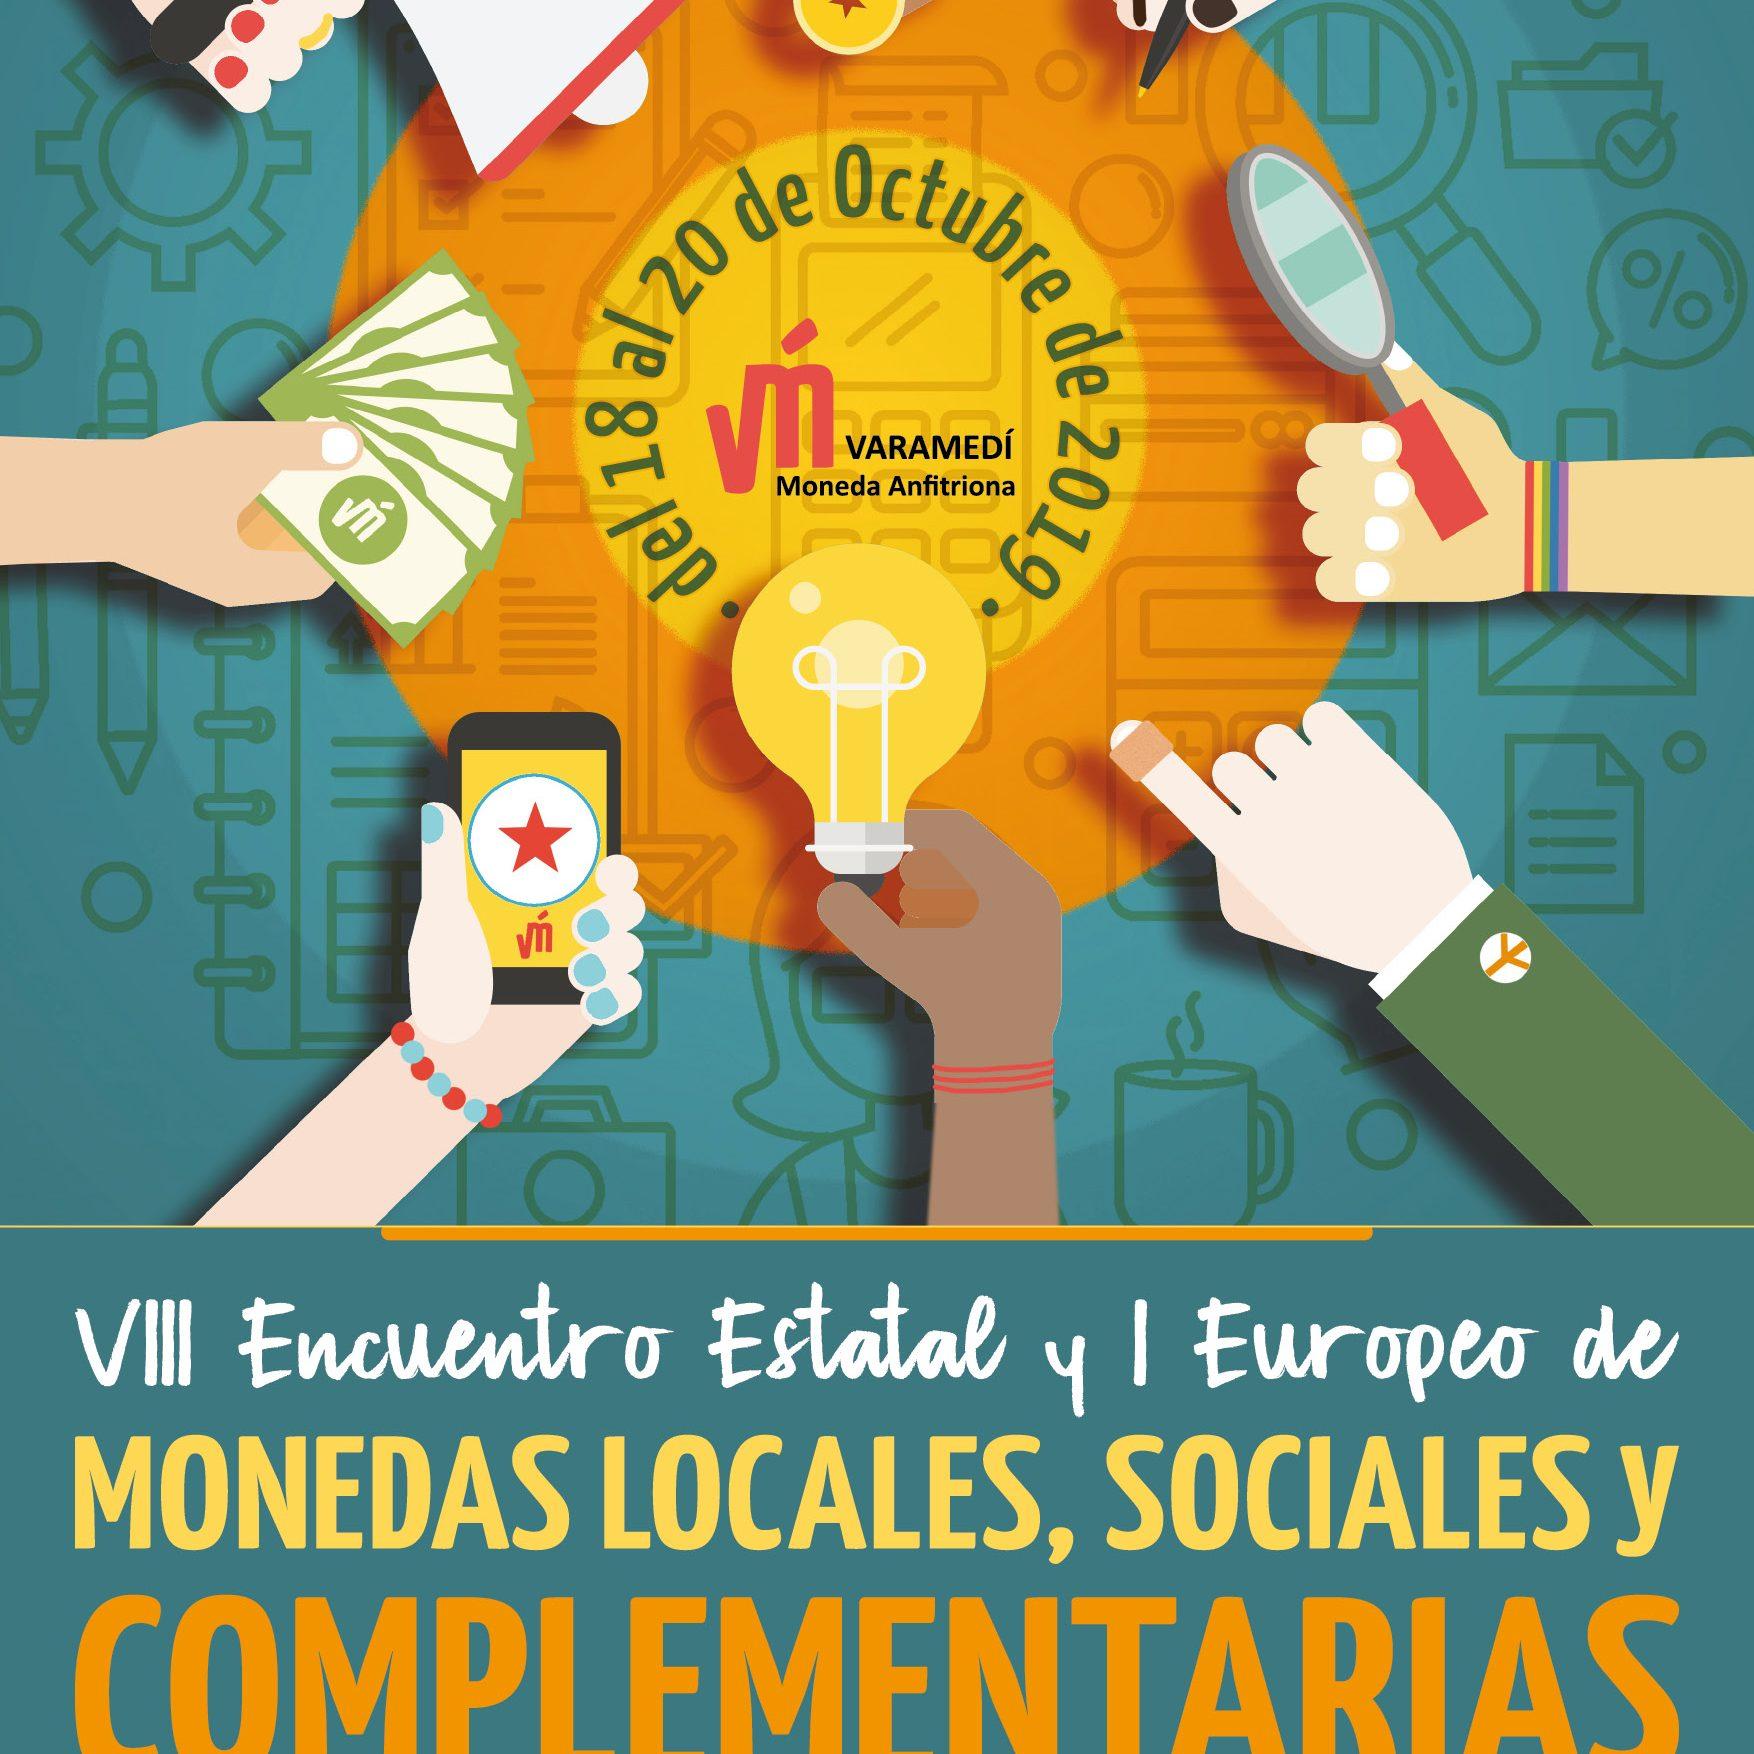 VIII Encuentro Estatal y I Europeo de Monedas Locales, Sociales y Complementarias de Zafra